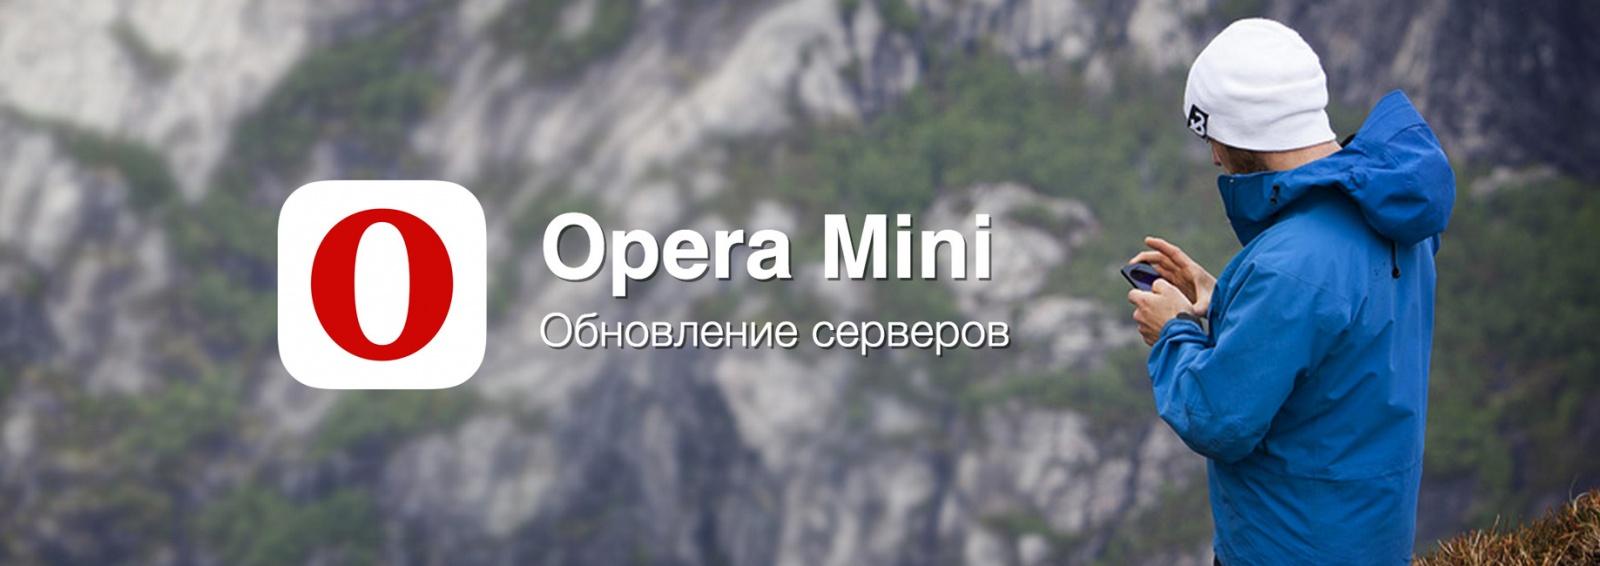 Обновление серверов Opera Mini: Flexbox, ES5, HTML5-парсер - 1